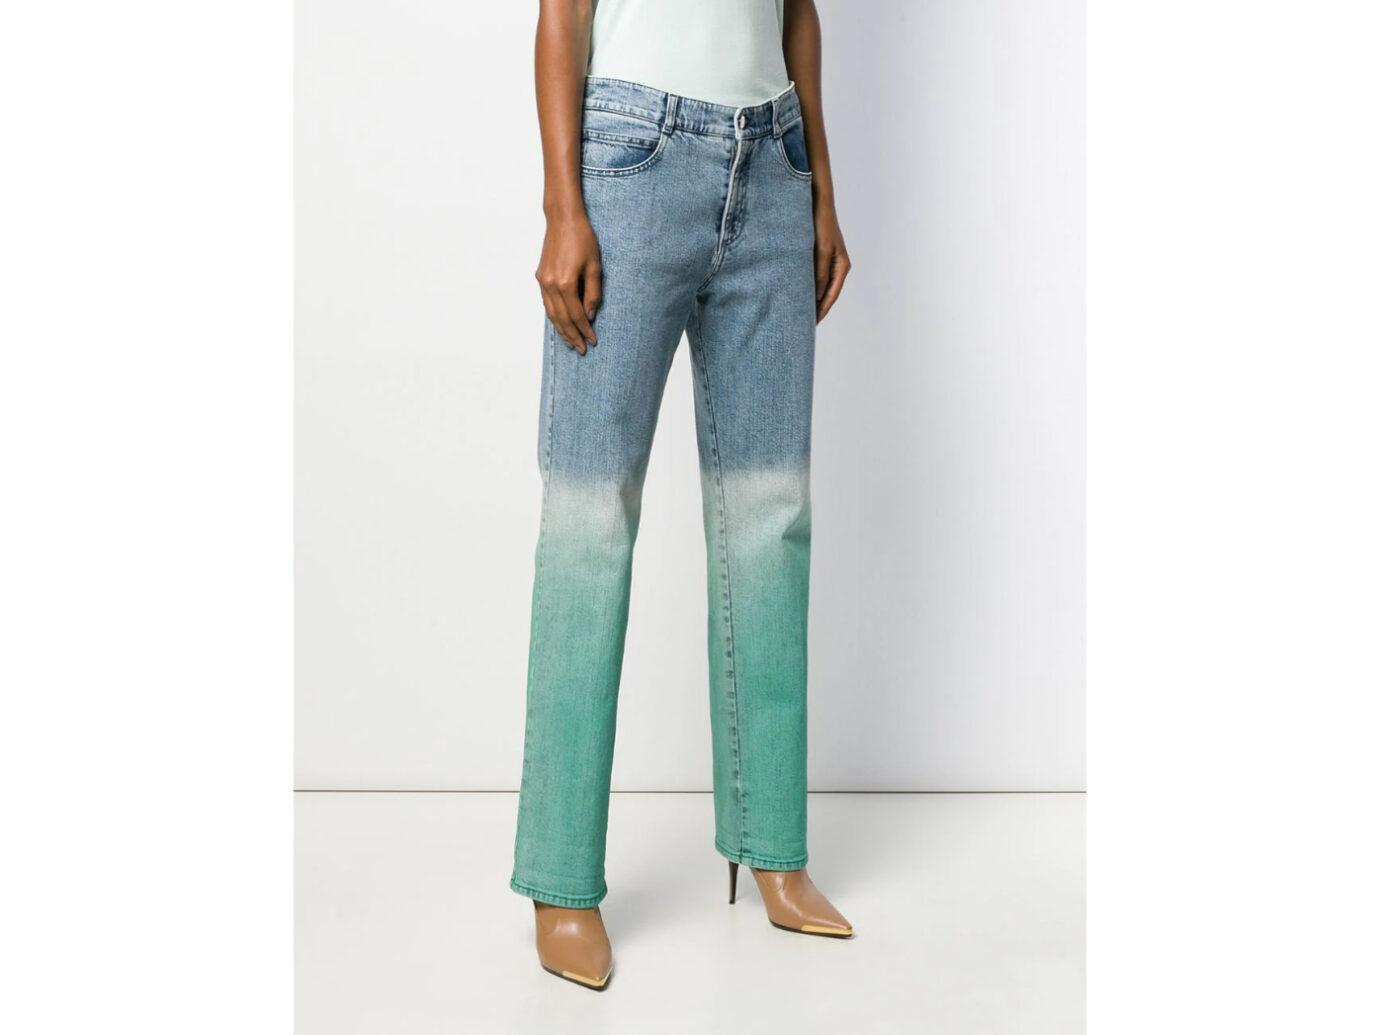 Stella McCartney Dip-Dye Jeans